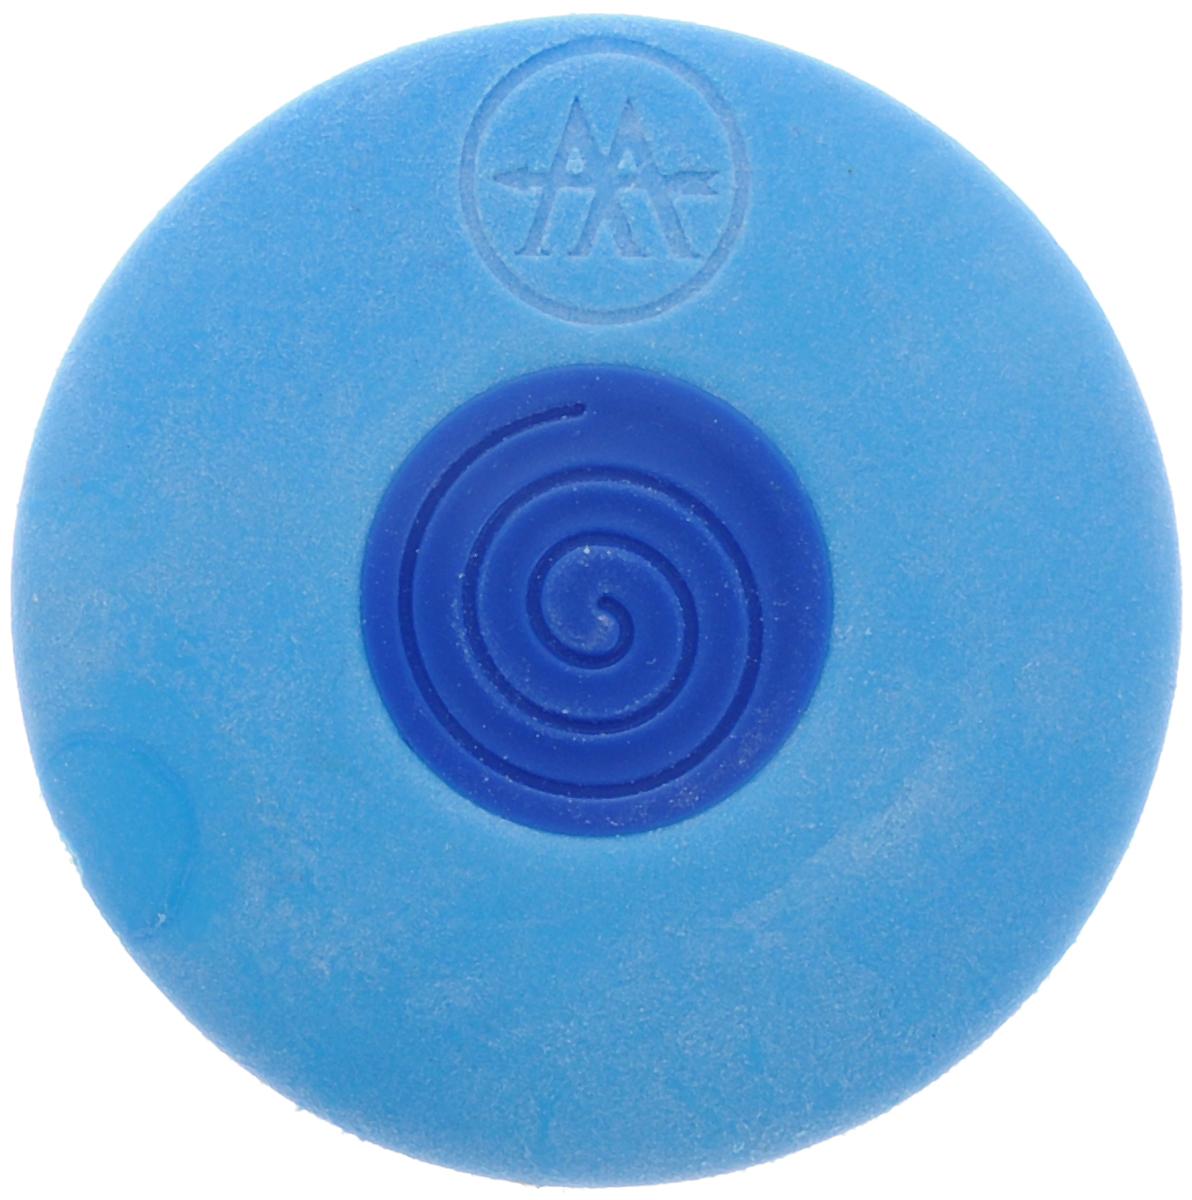 Westcott Ластик с антибактериальным покрытием цвет голубой